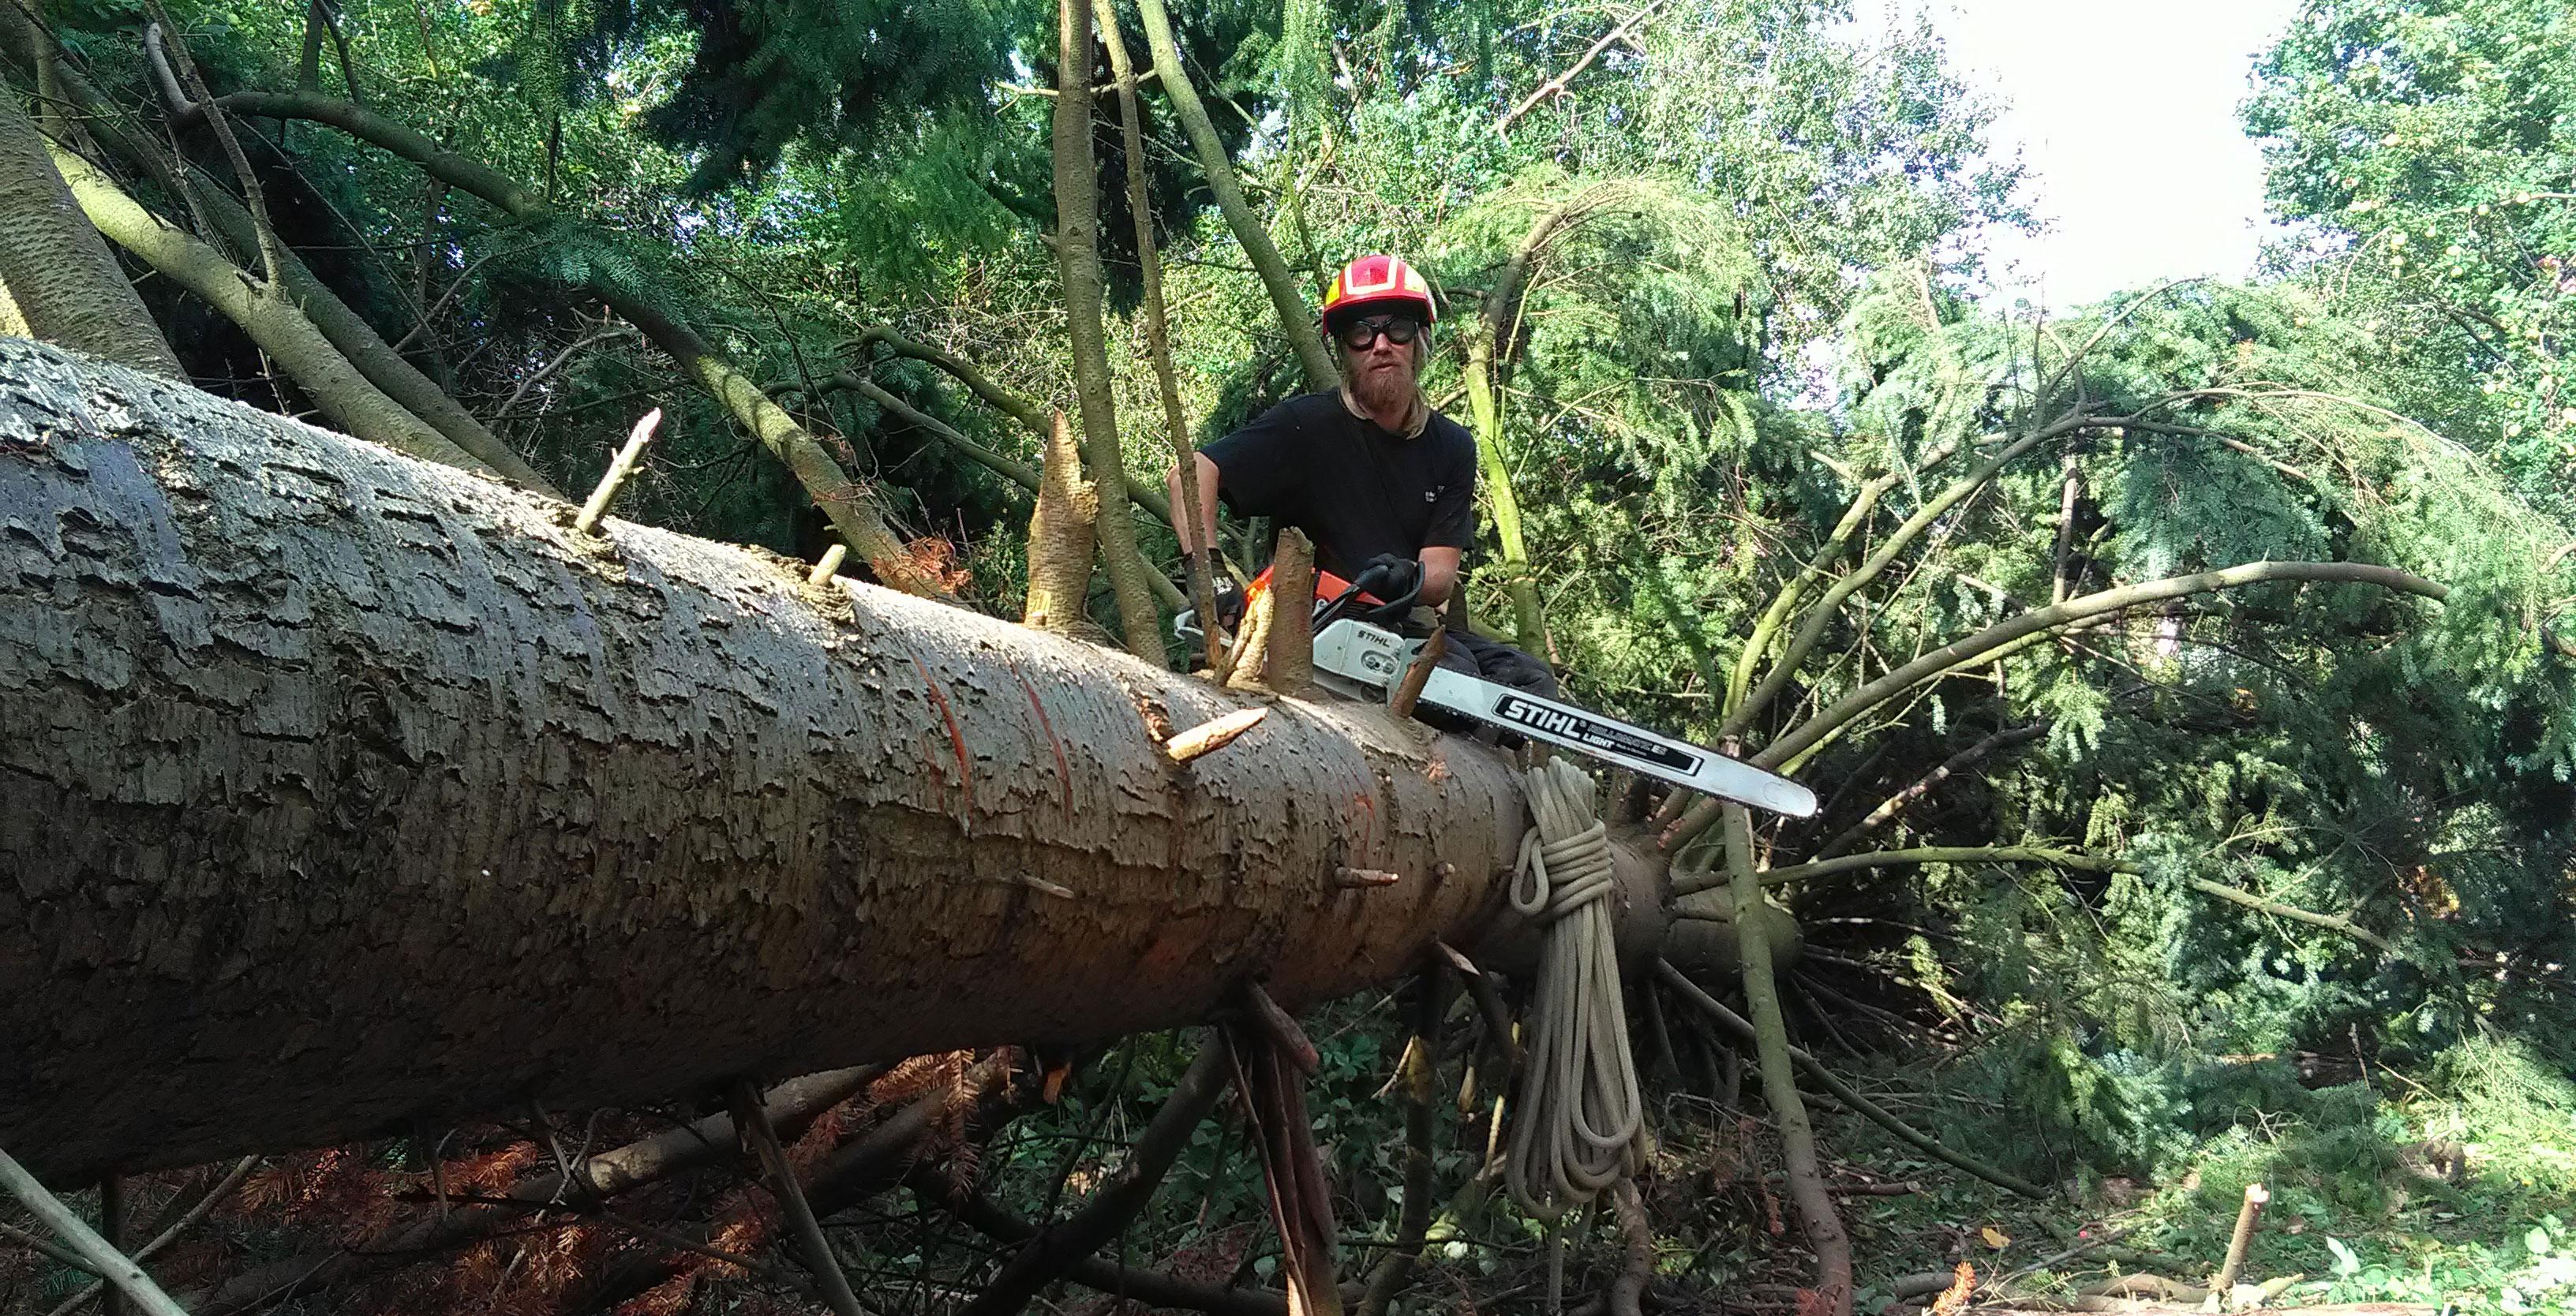 Ethan i gang med fældning af træ